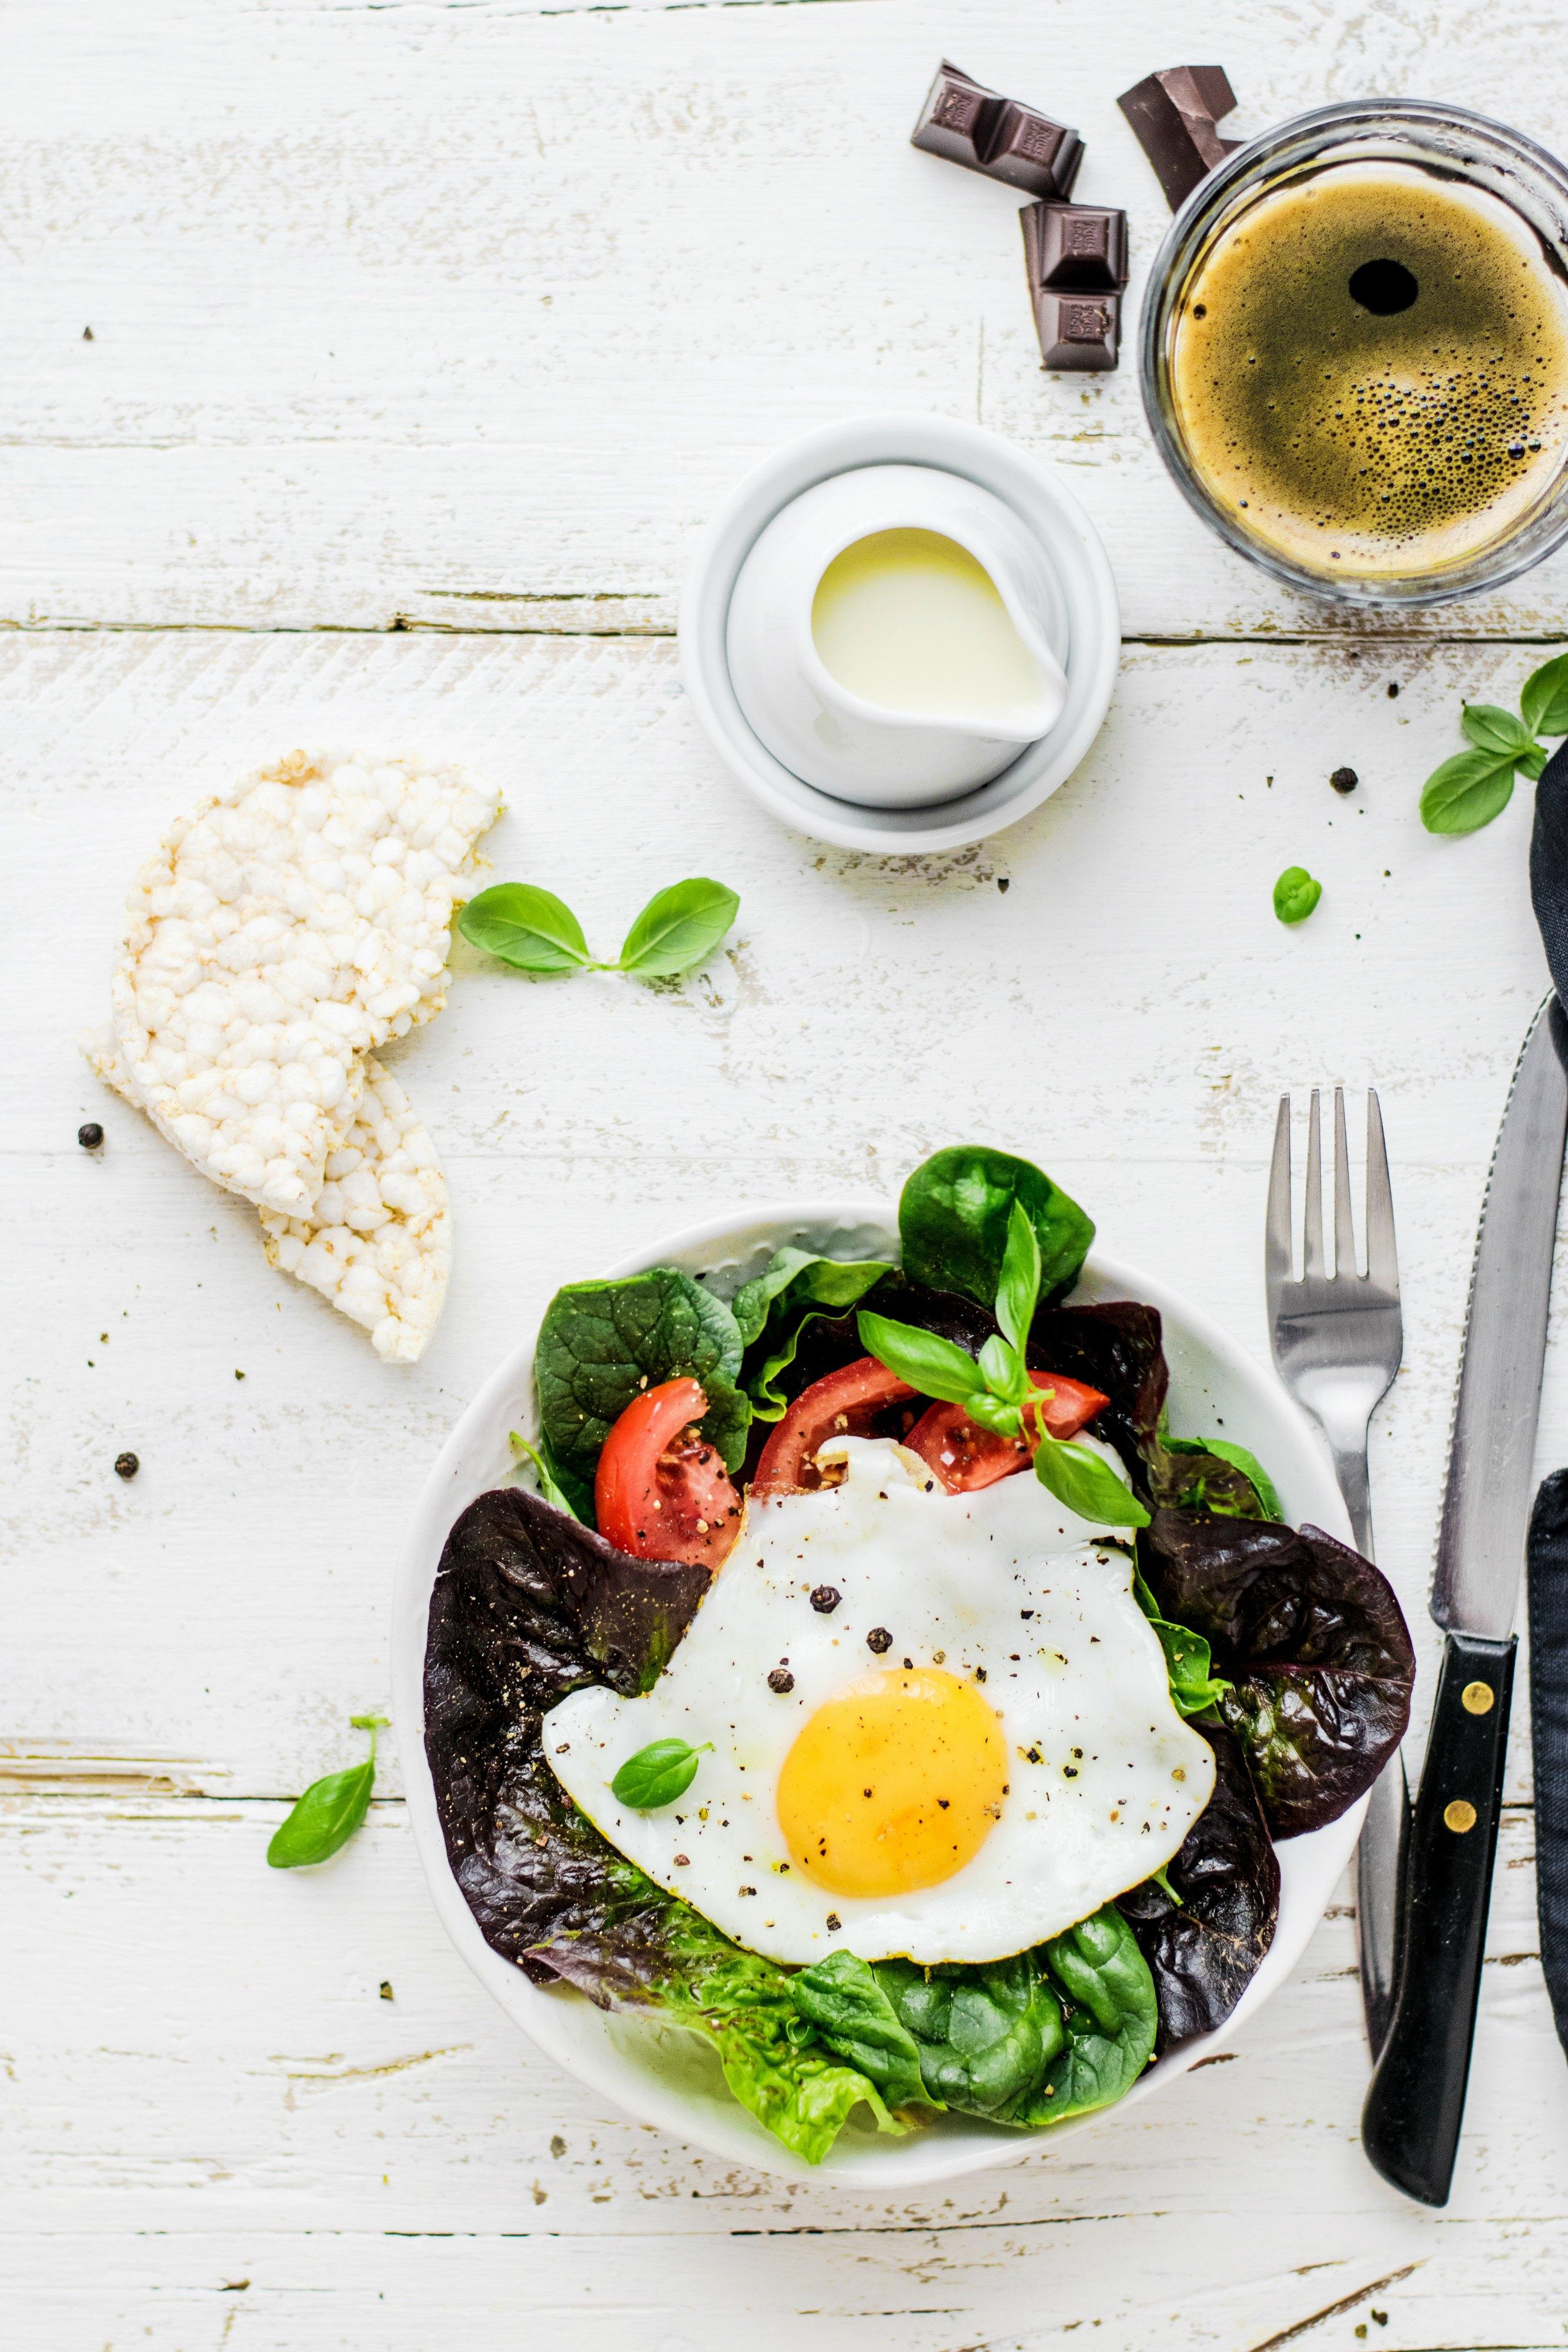 ensalada con huevo frito y tomate